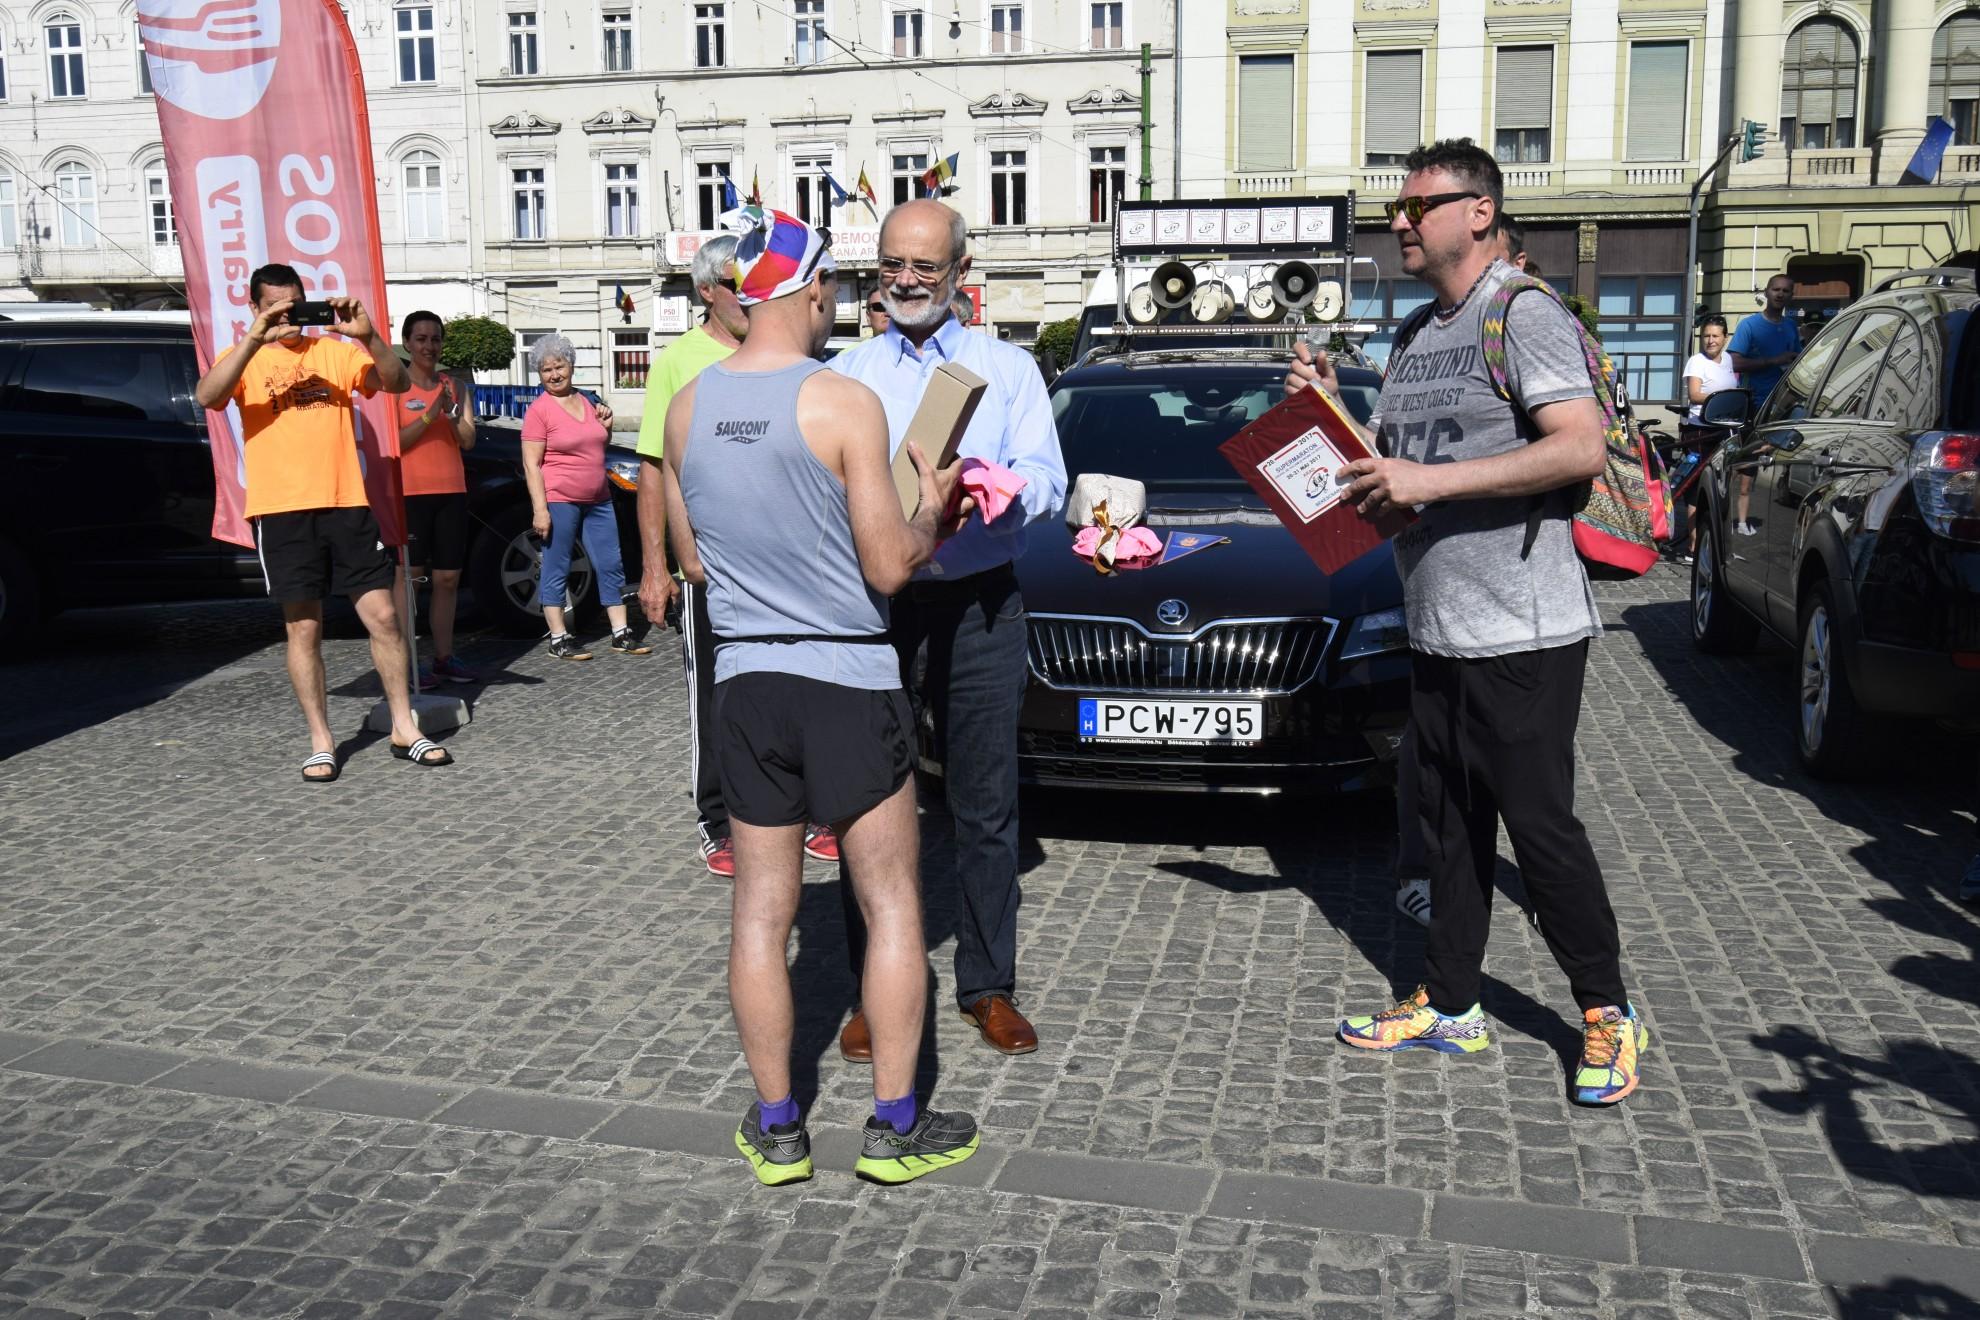 Supermaratonul Granițe deschise Arad-Békéscsaba-Arad, ediția a XXI-a